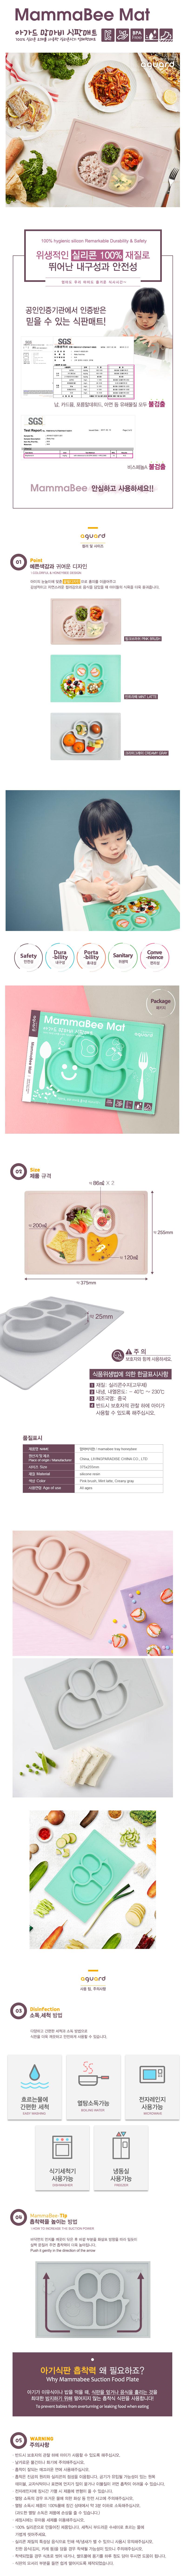 아가드 맘마비 흡착 식판 꿀벌형 1입 유아 아기 실리콘 식기 그릇 매트 - 아가드, 39,800원, 유아식기/용품, 식판